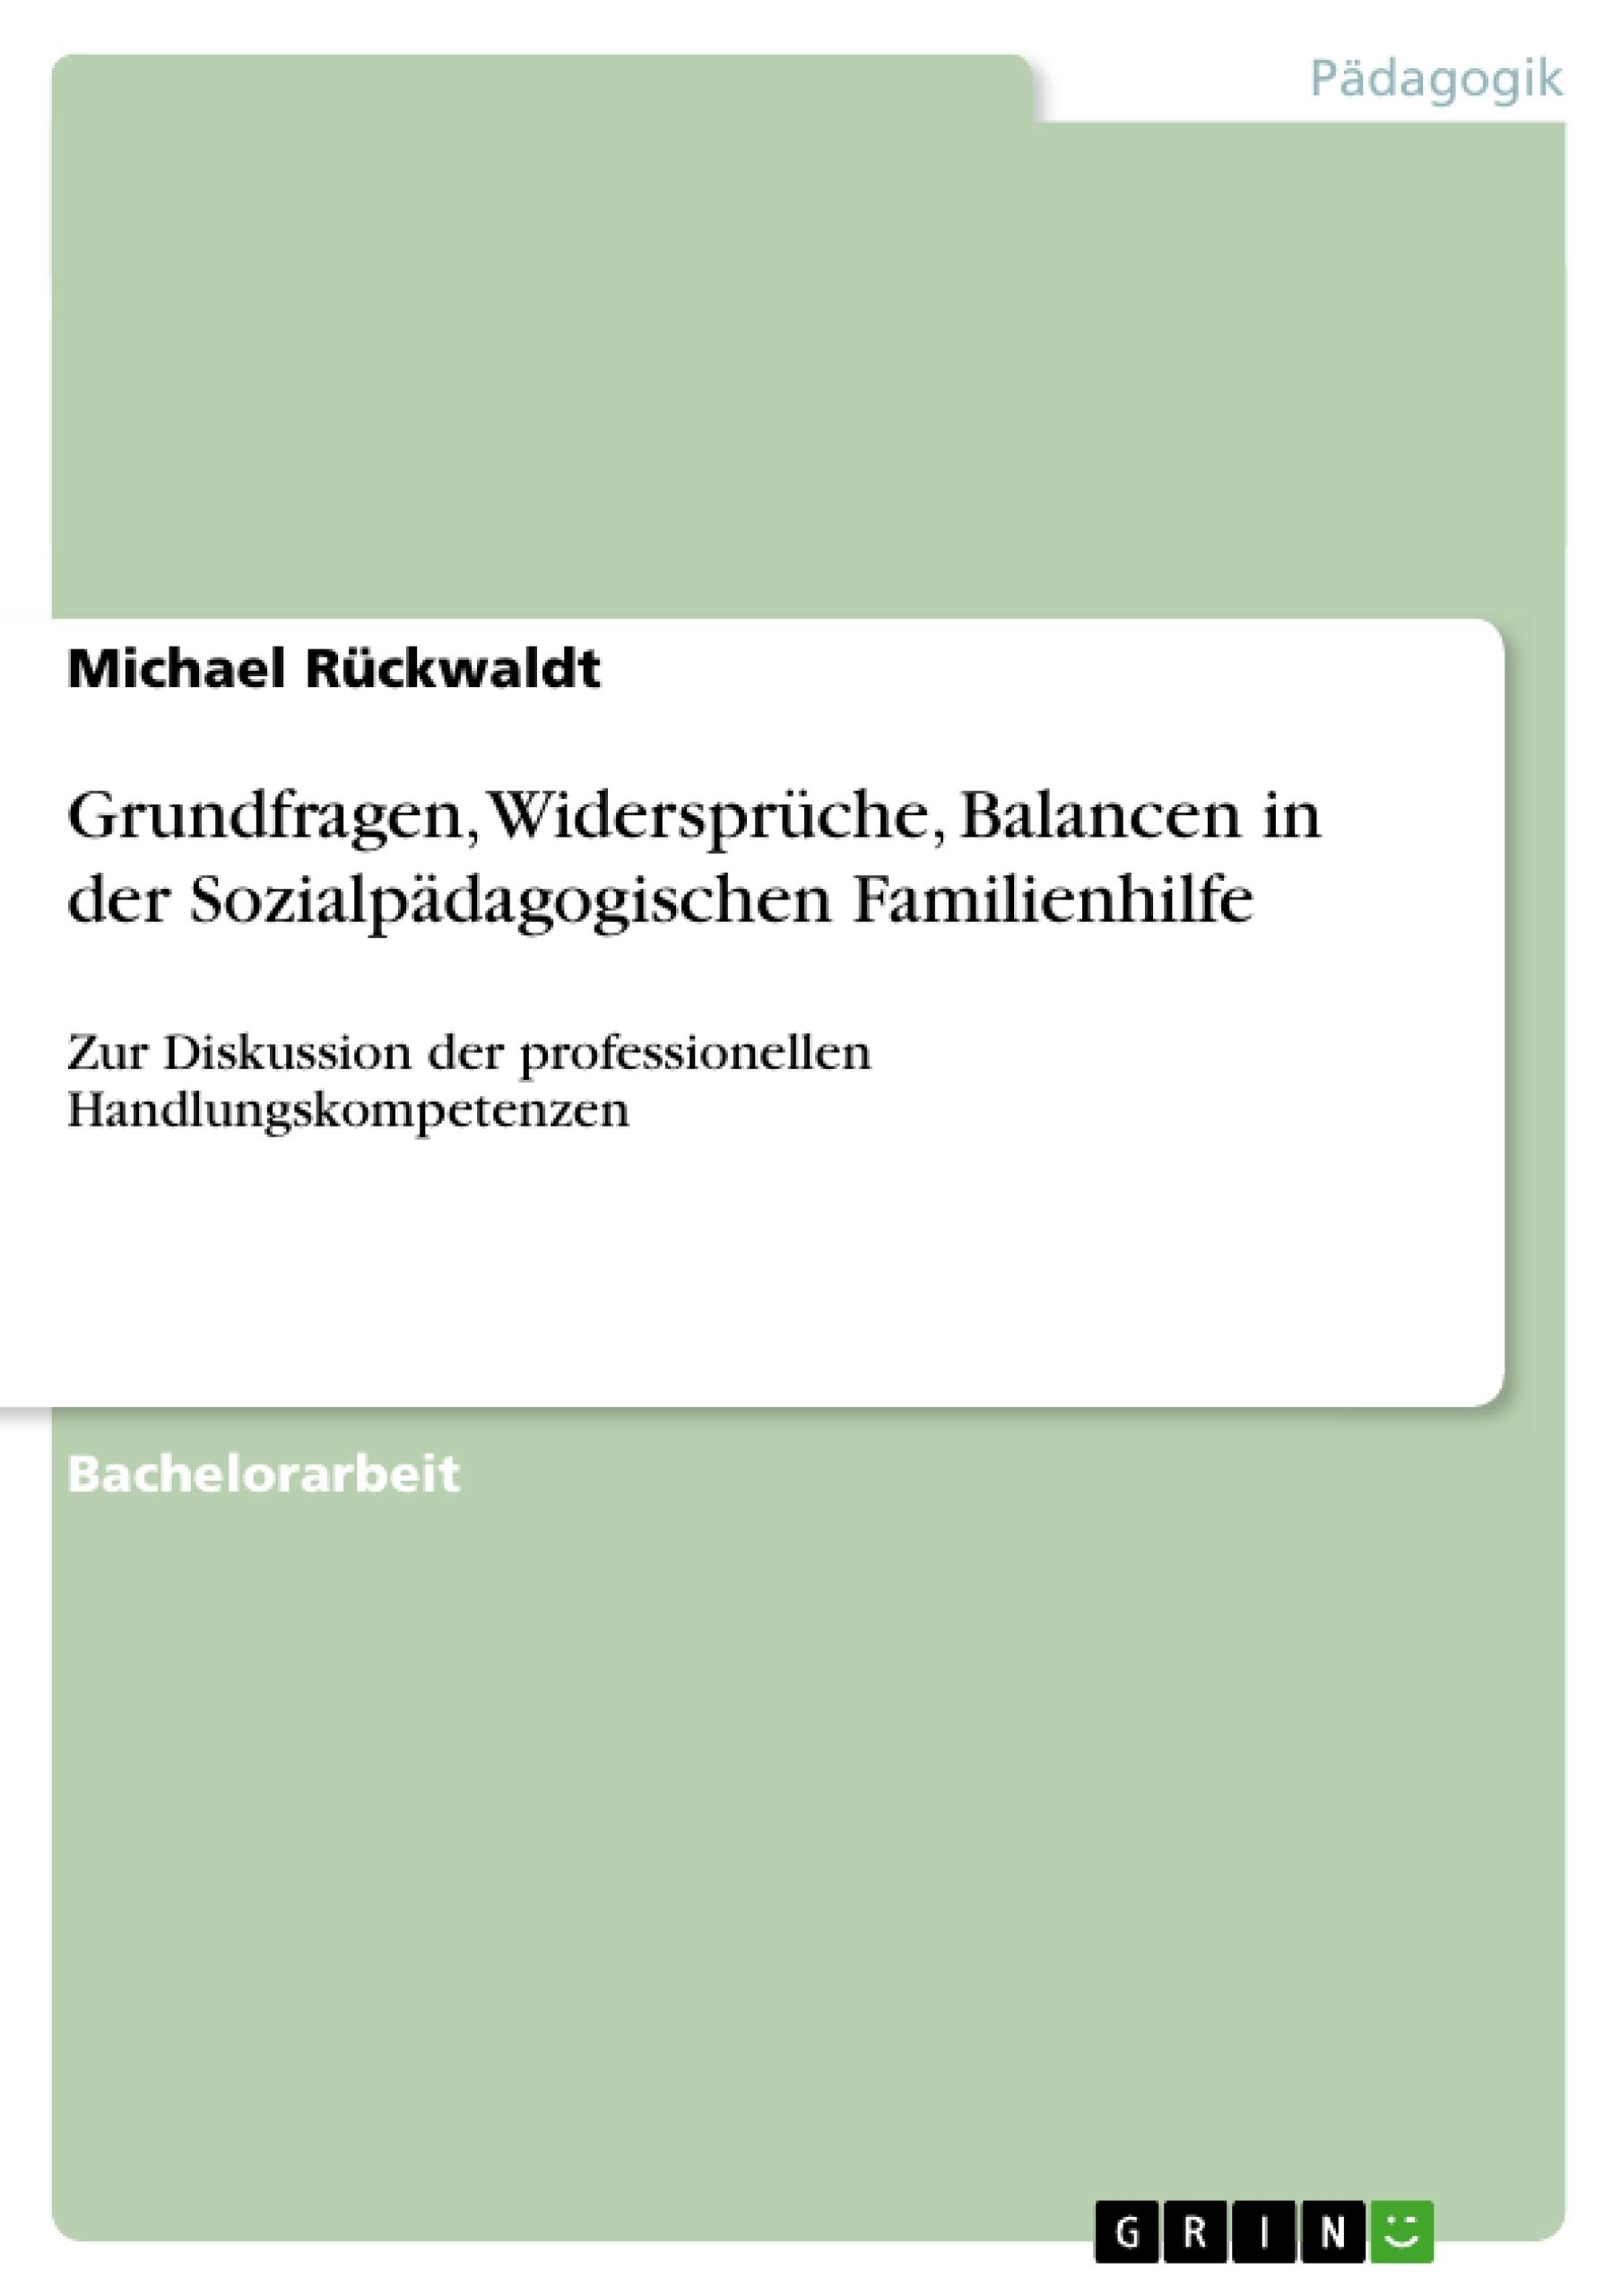 Titel: Grundfragen, Widersprüche, Balancen in der Sozialpädagogischen Familienhilfe